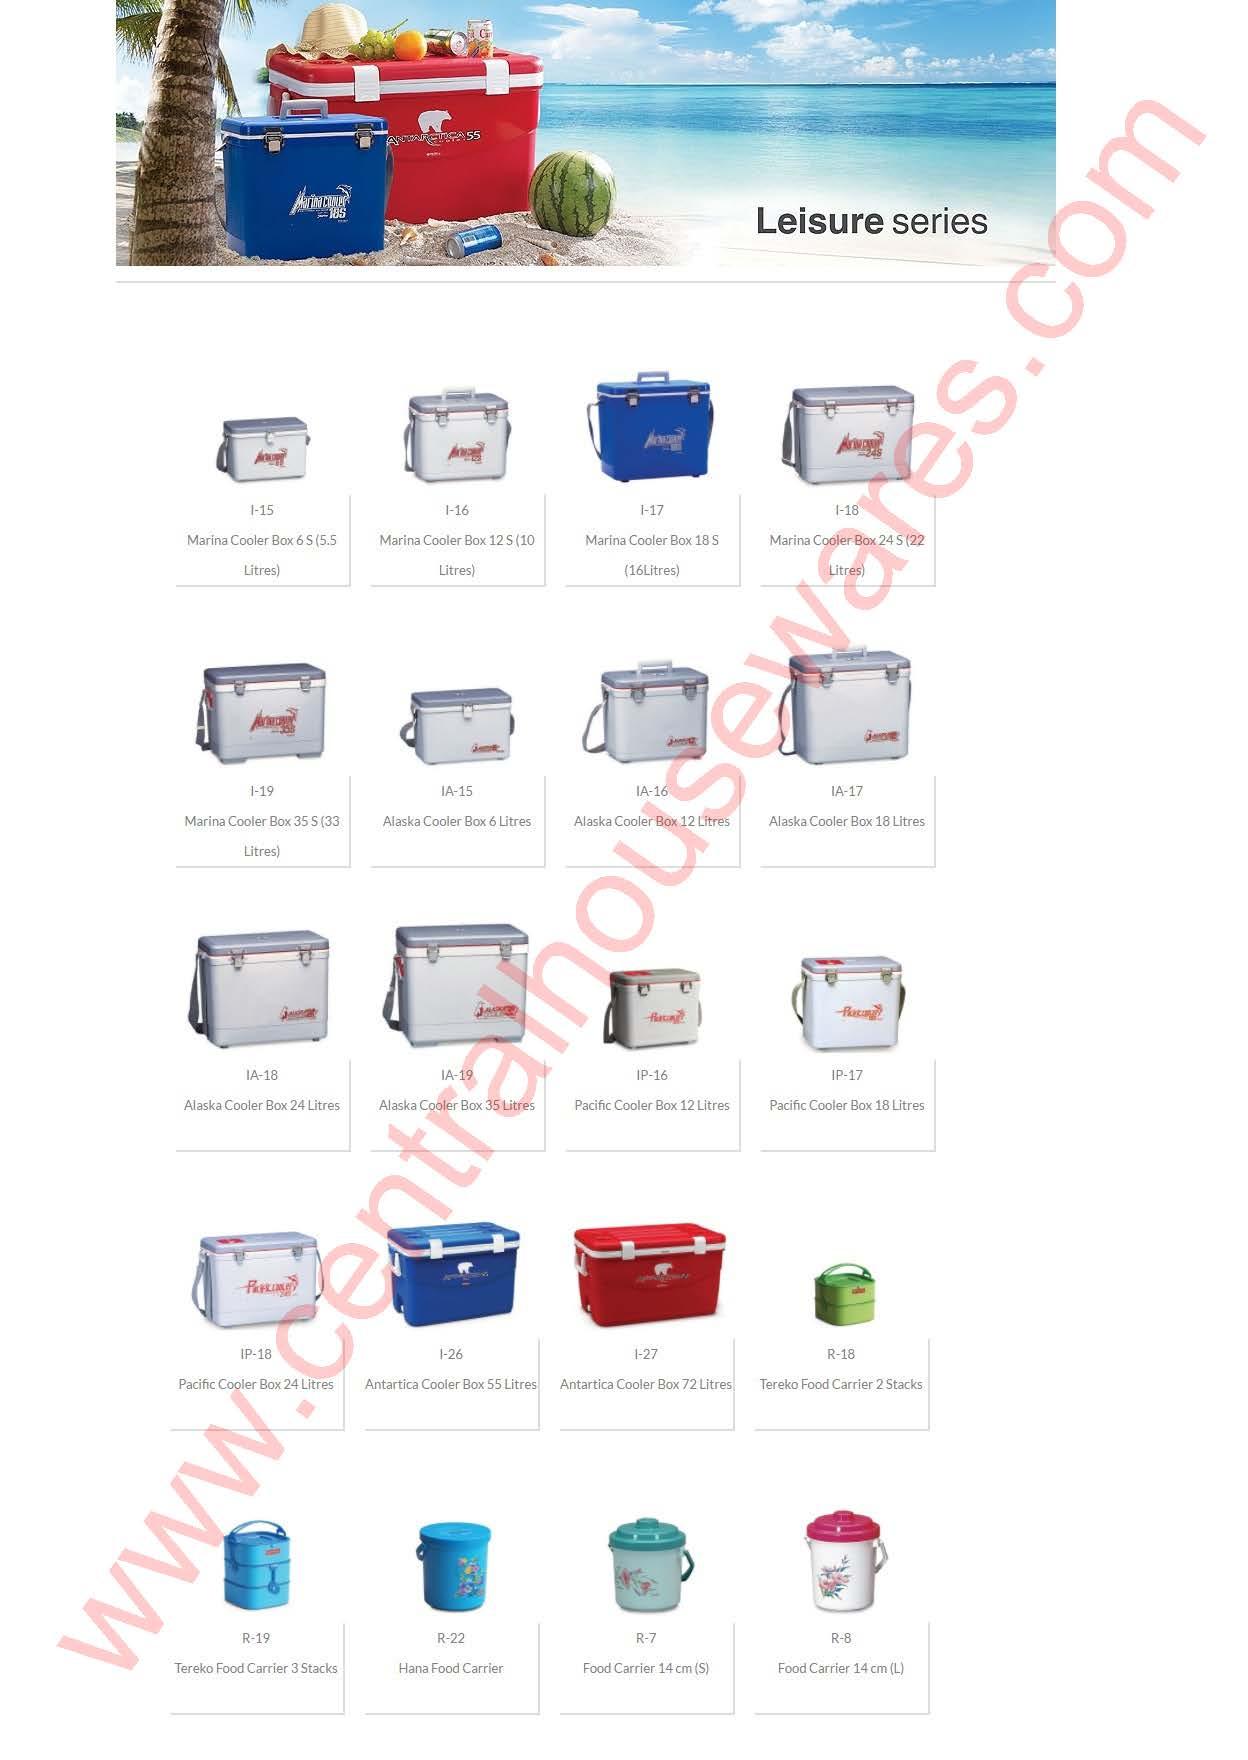 Marina Cooler Box 12s Lion Star Daftar Harga Terbaru Terlengkap Libi Microgynon Isi 10 Kotak Code Description